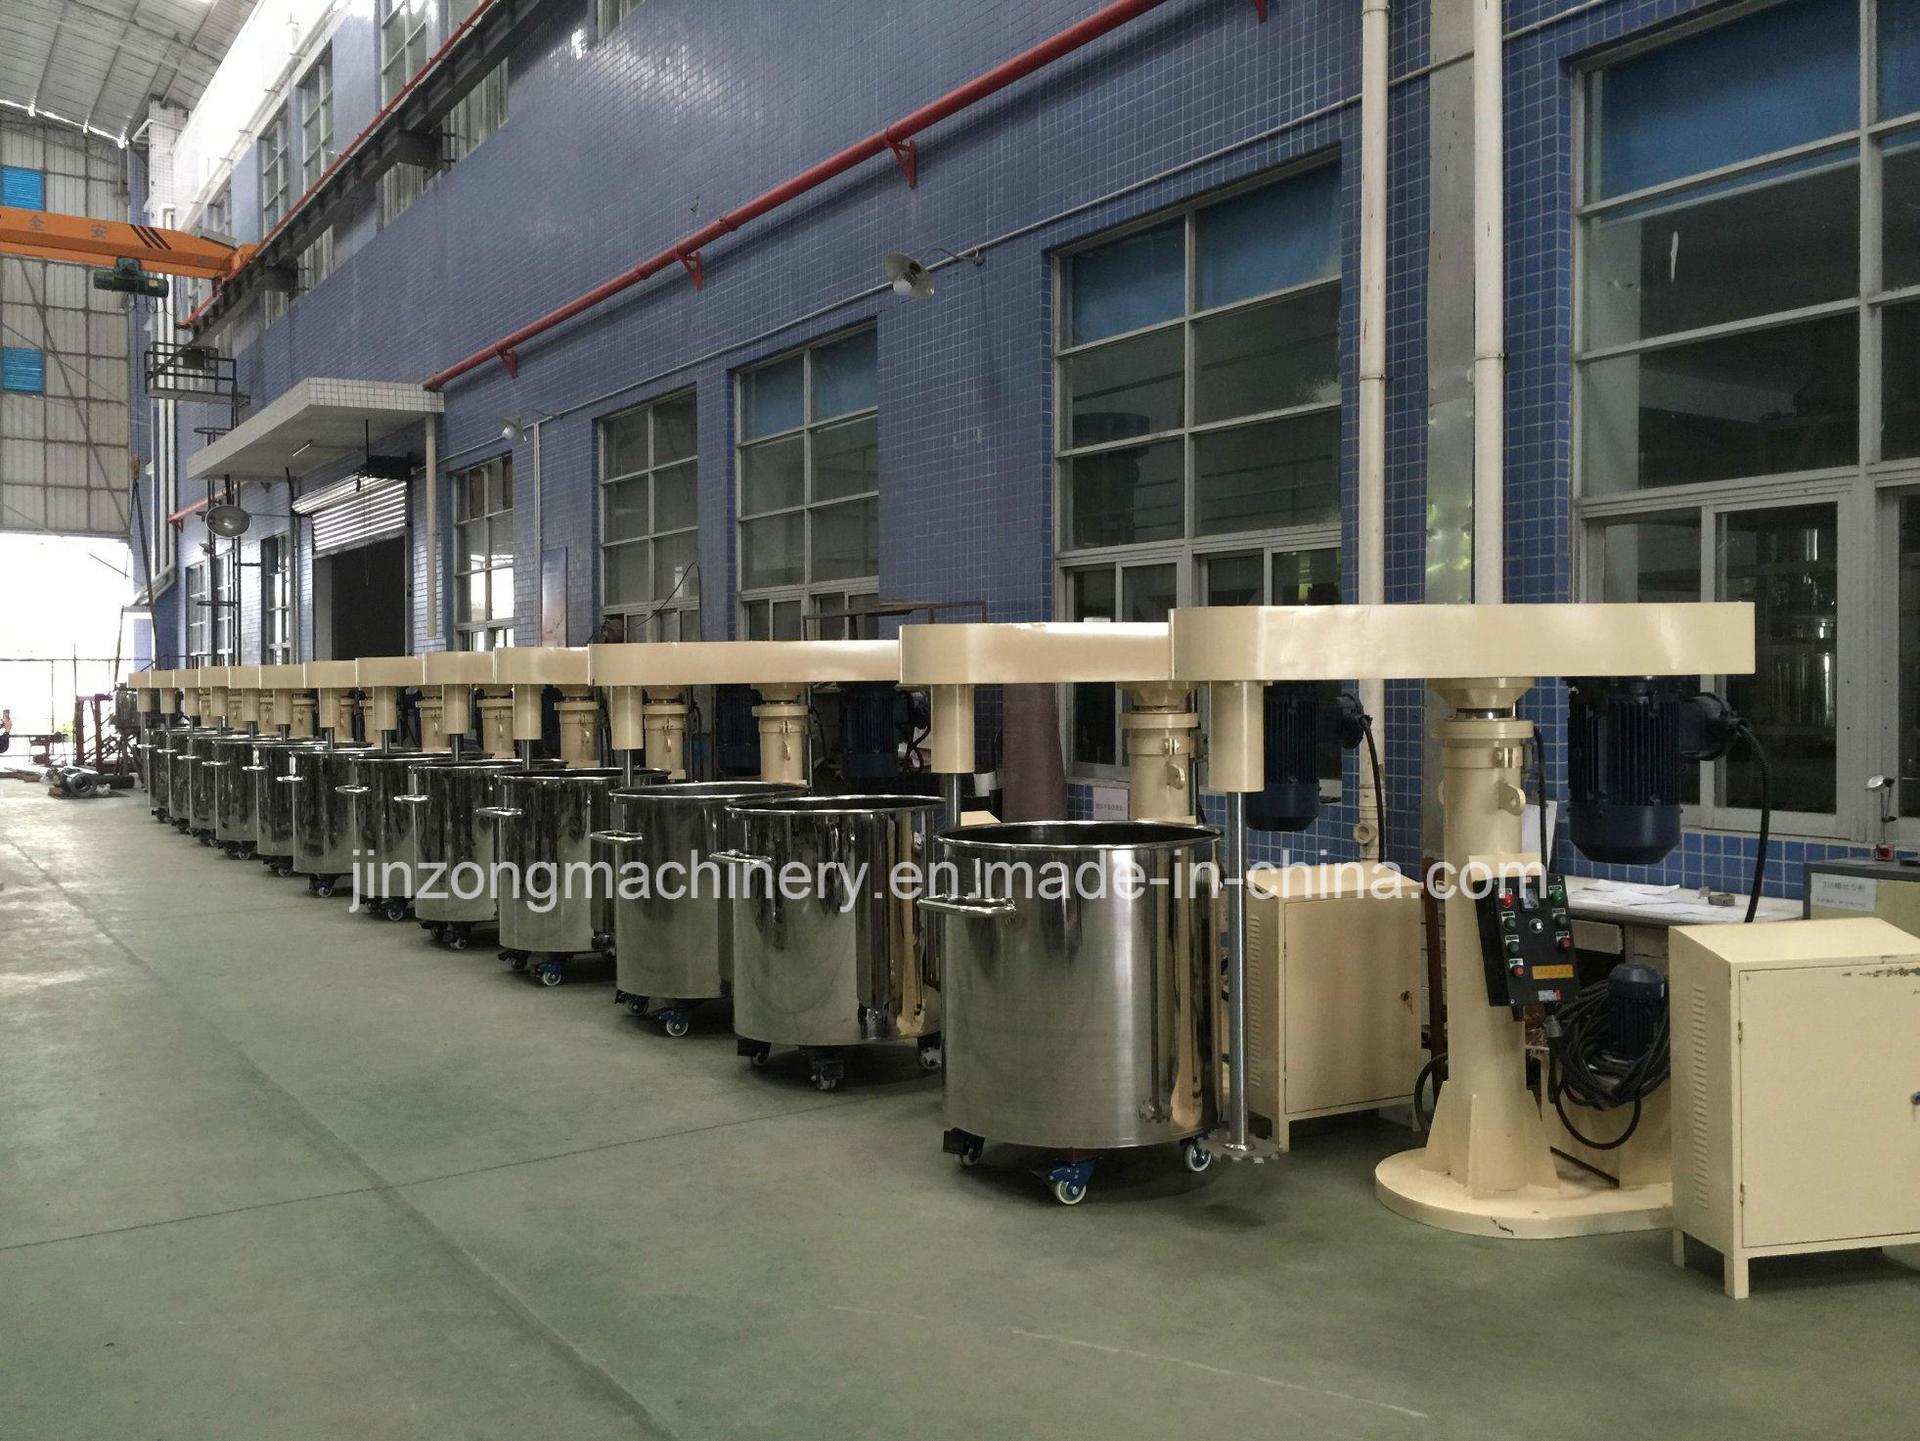 7.5kw High Speed Paint Disperser Mixer Making Equipment (floor type)